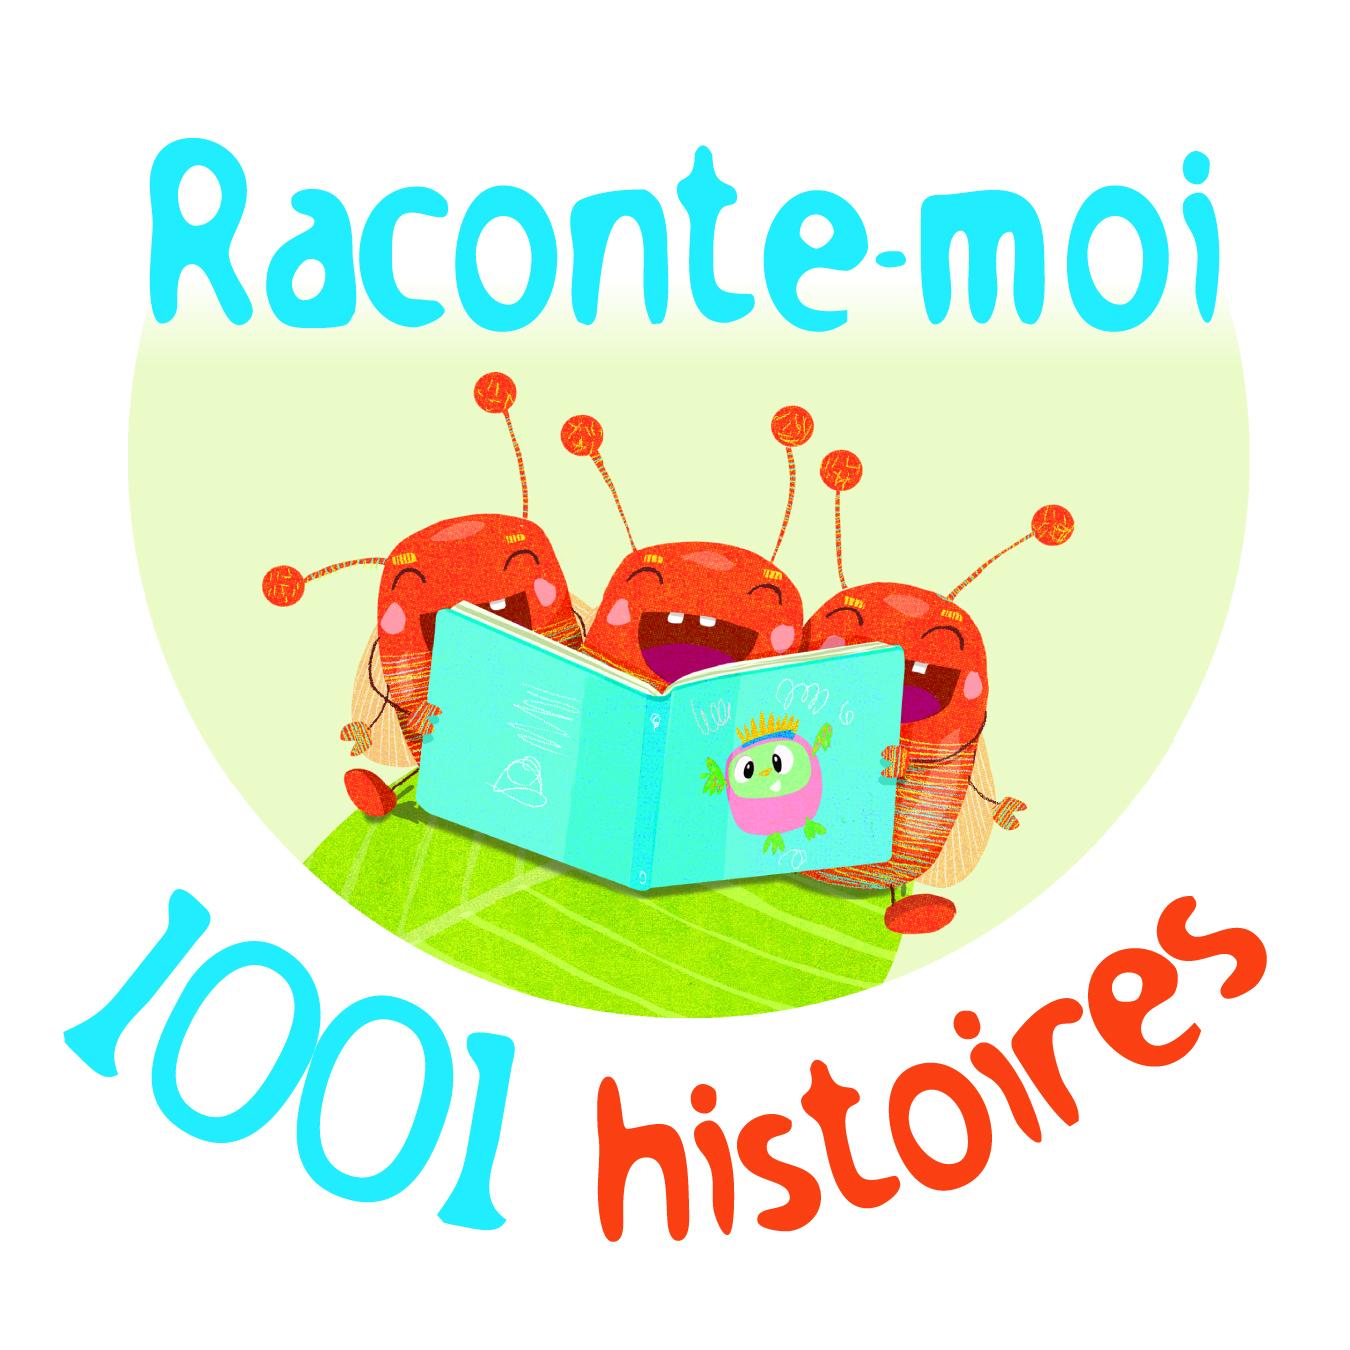 Raconte-moi 1001 histoires